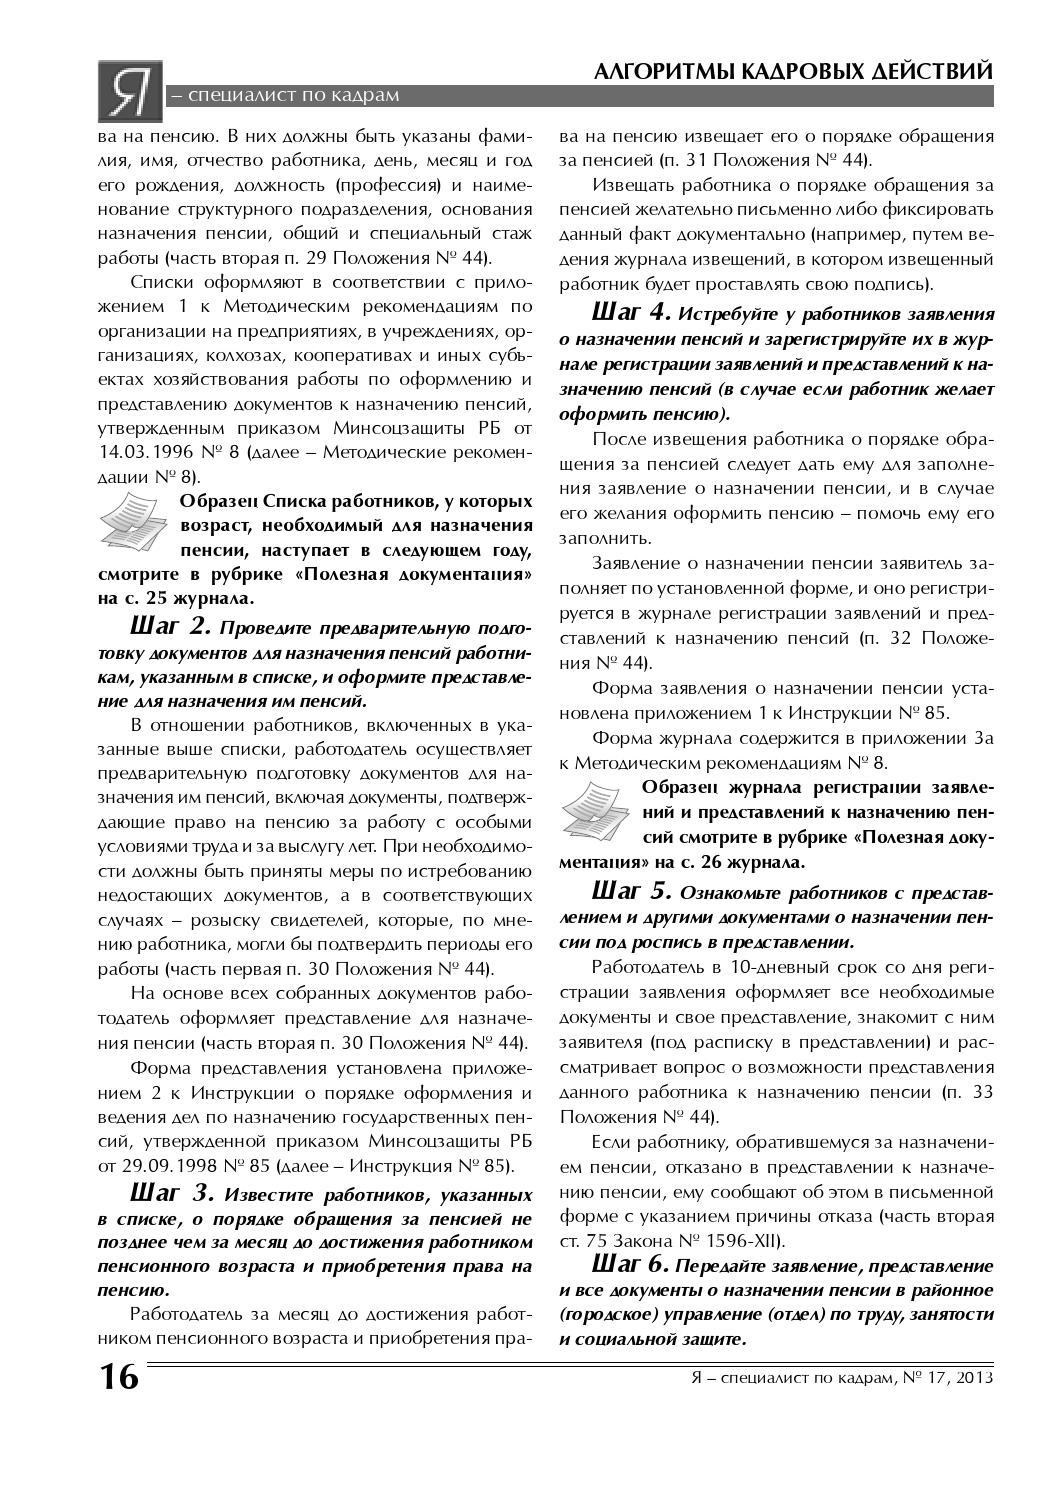 Перечень документов для установления пенсии